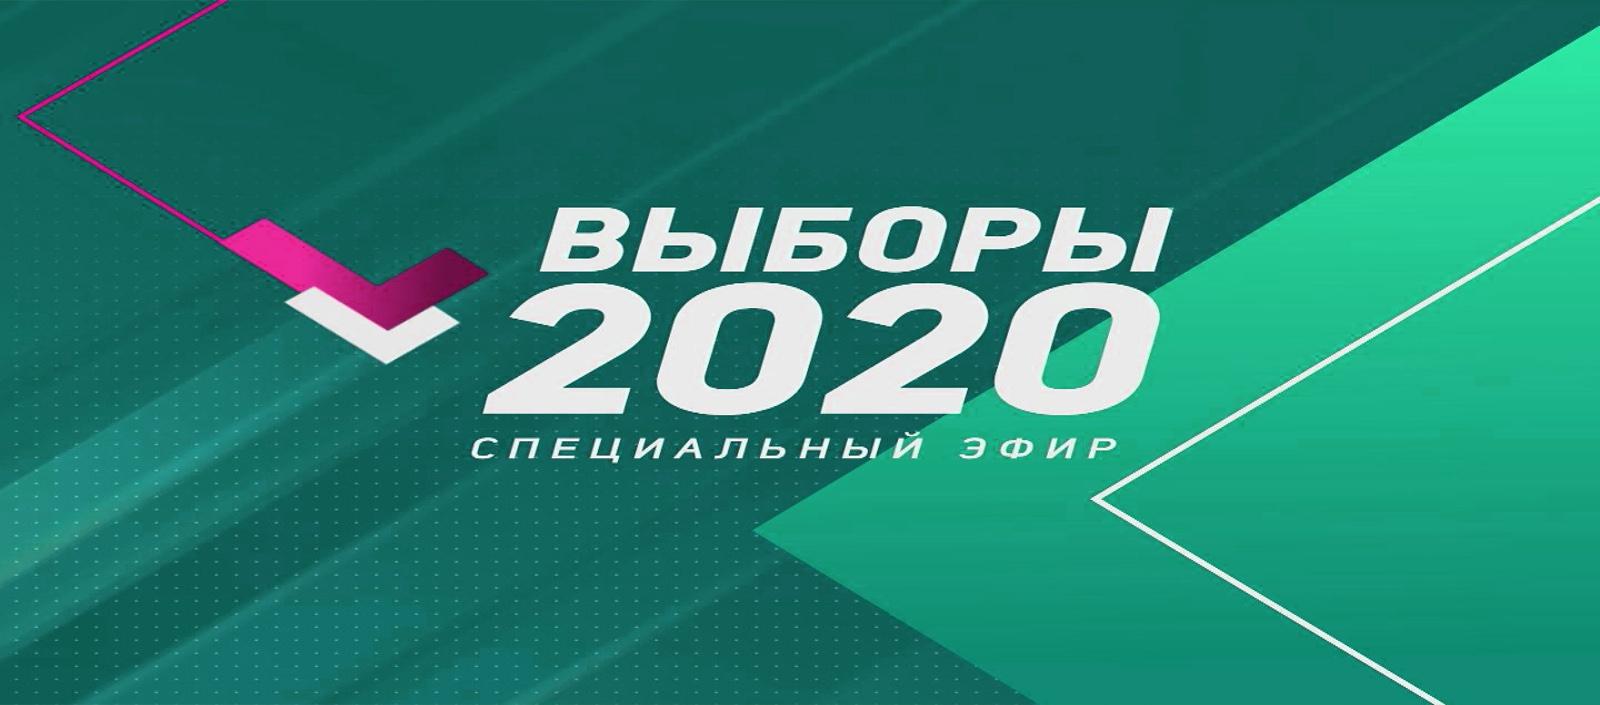 Выборы 2020 года: прайс-лист